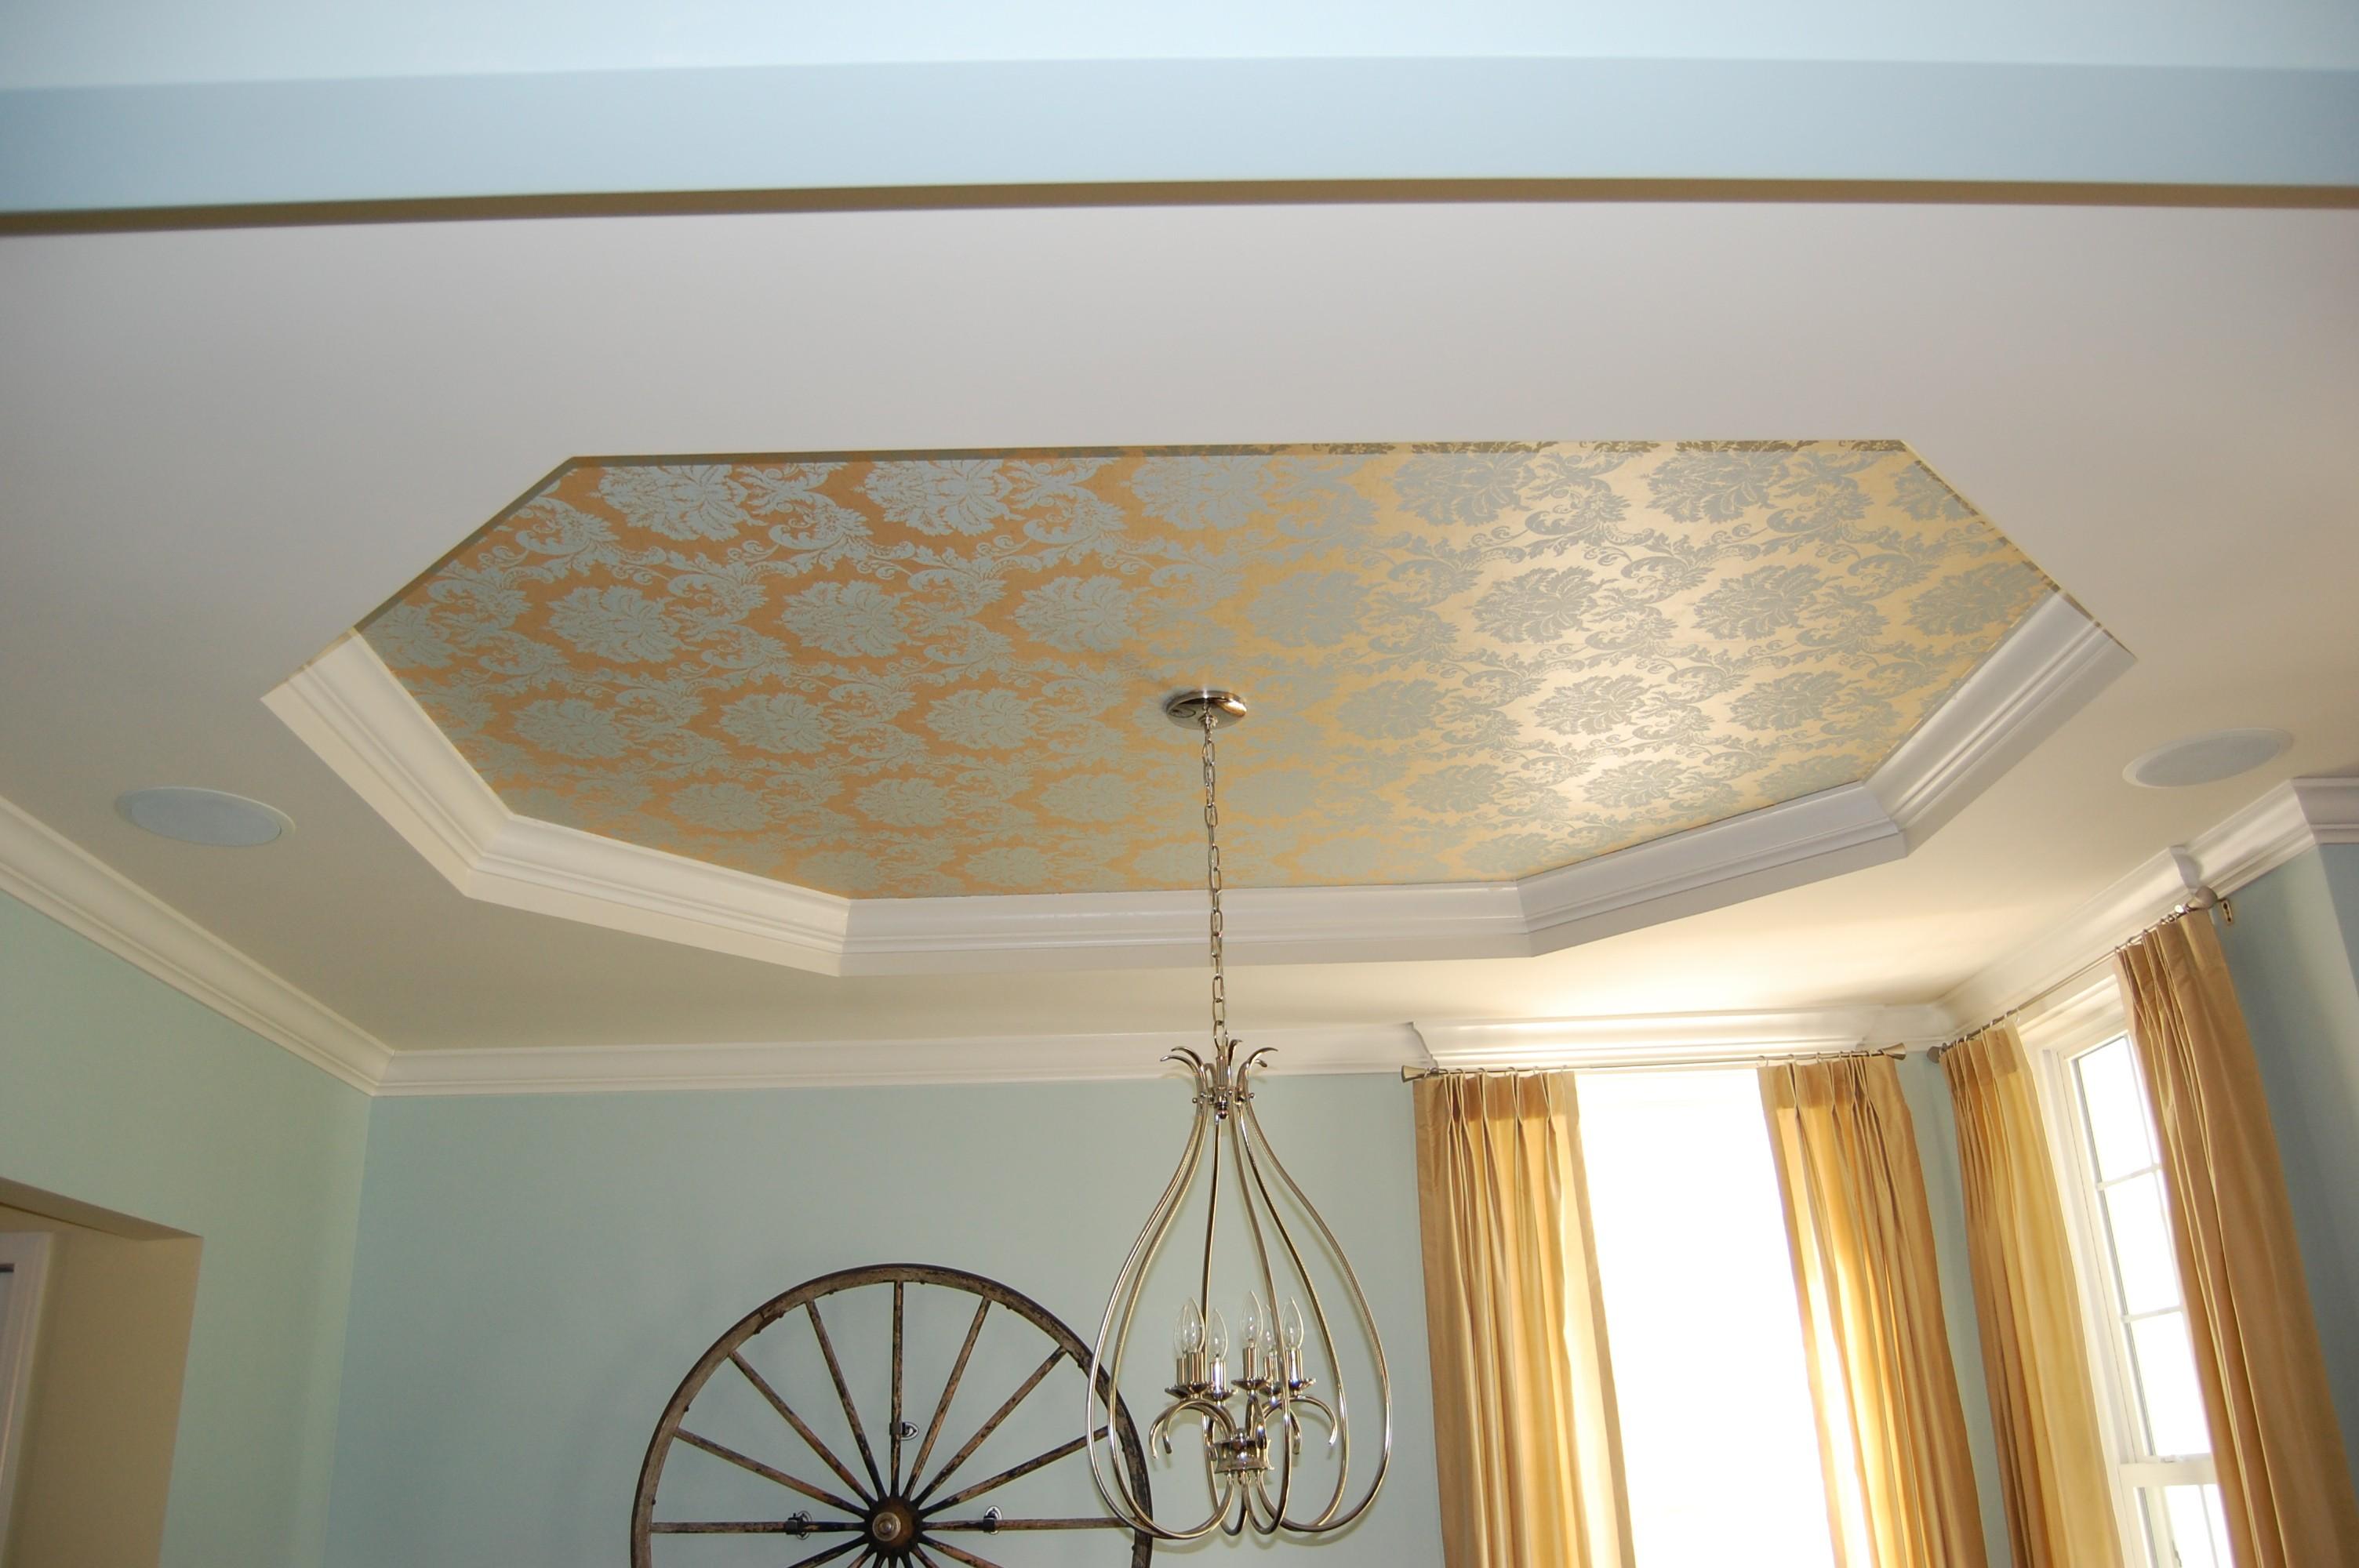 окна отличная как кривой потолок можно сделать красивым фото стали